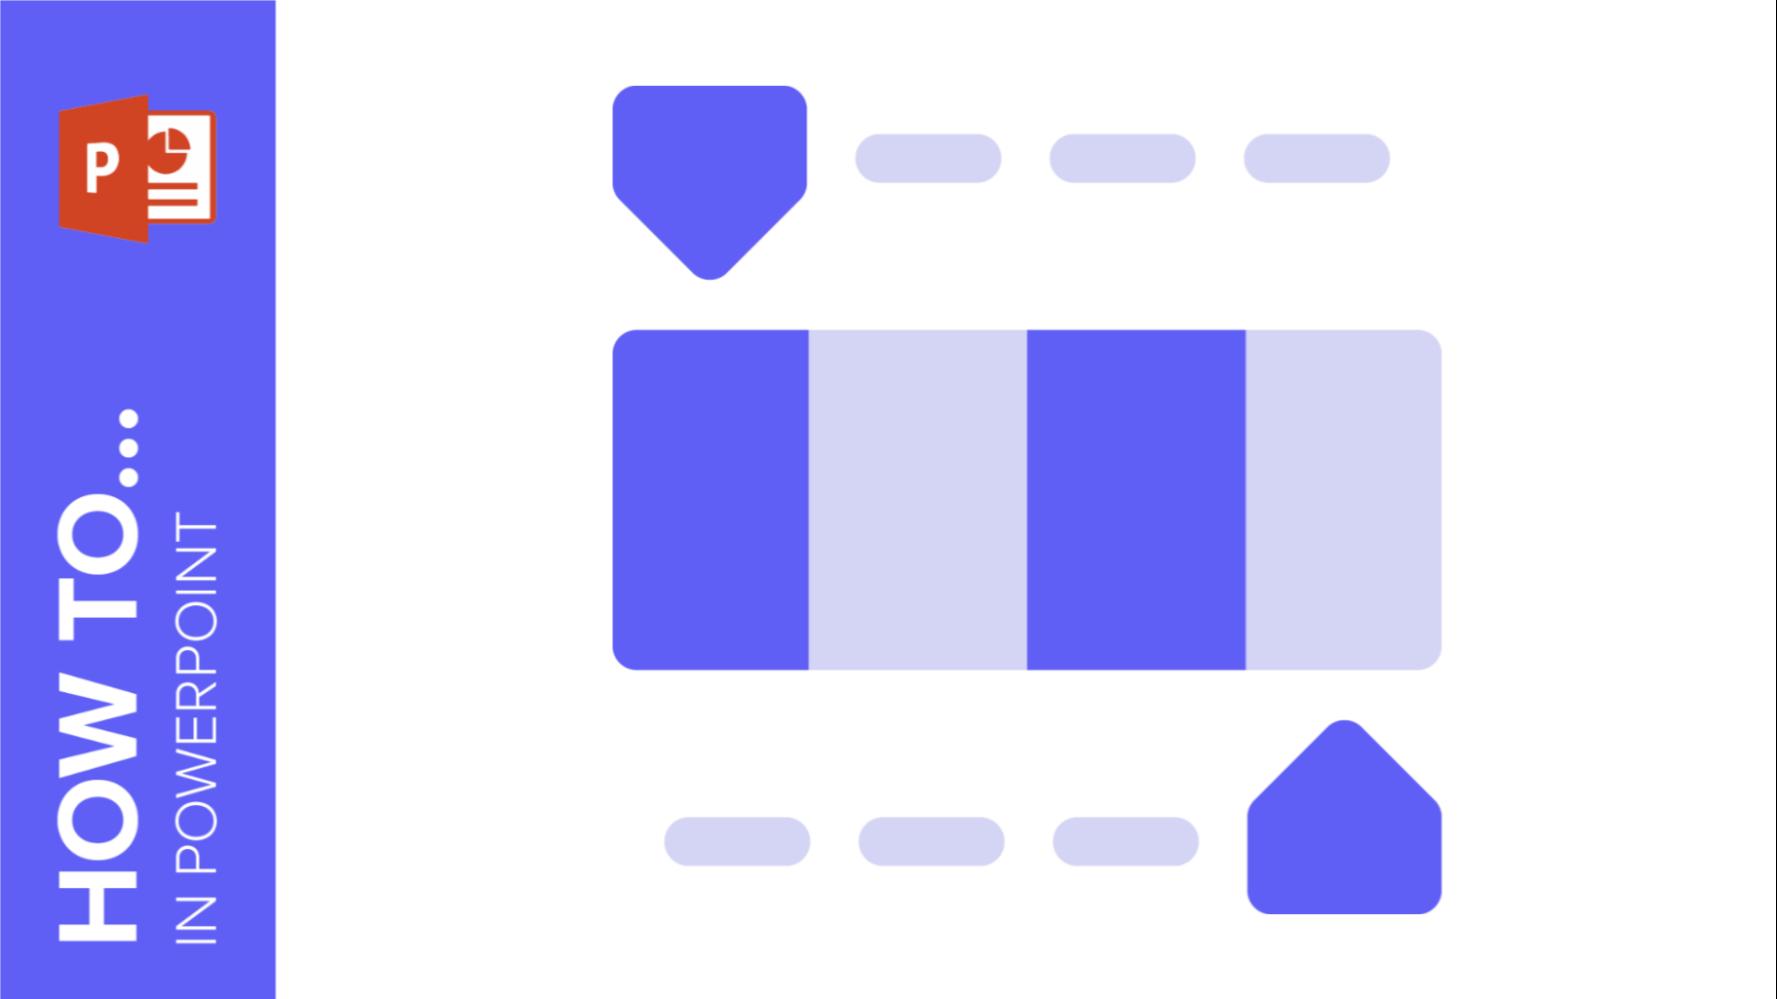 How to Change Colors in a PowerPoint Presentation | Schnelle Tipps & Tutorials für deine Präsentationen